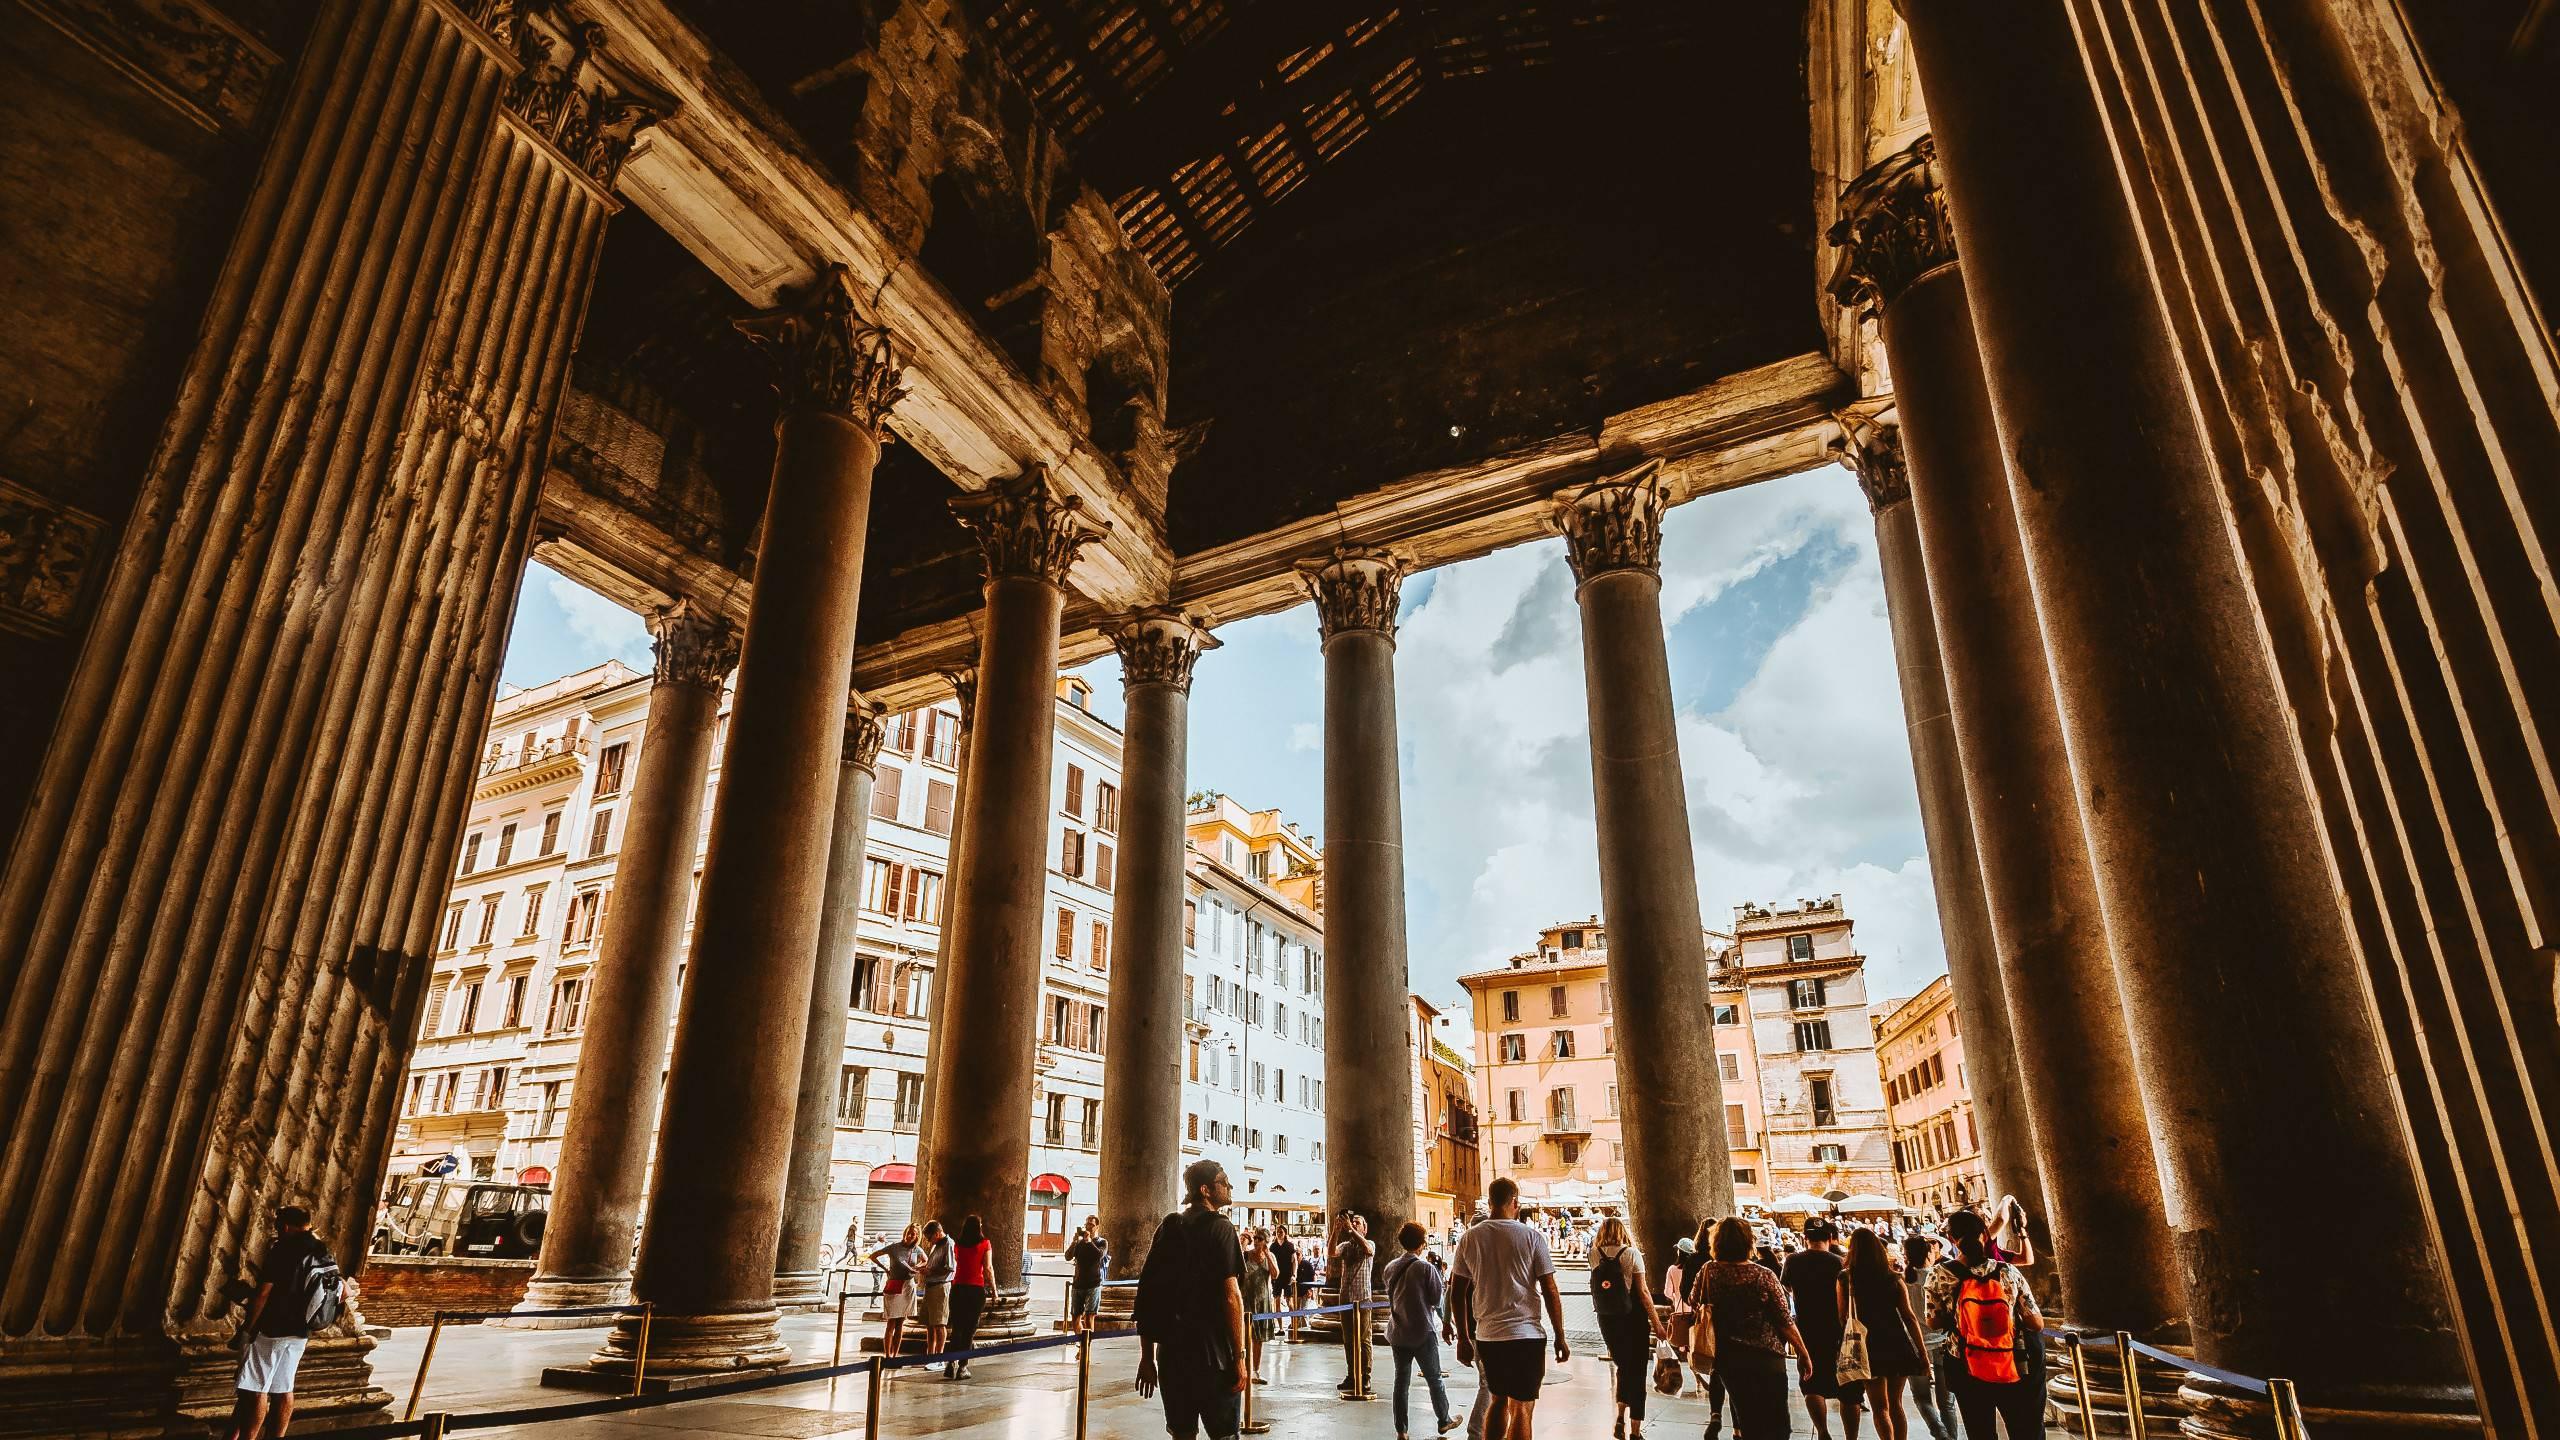 LBH-Hotel-Caravita-rome-pantheon-704481-unsplash